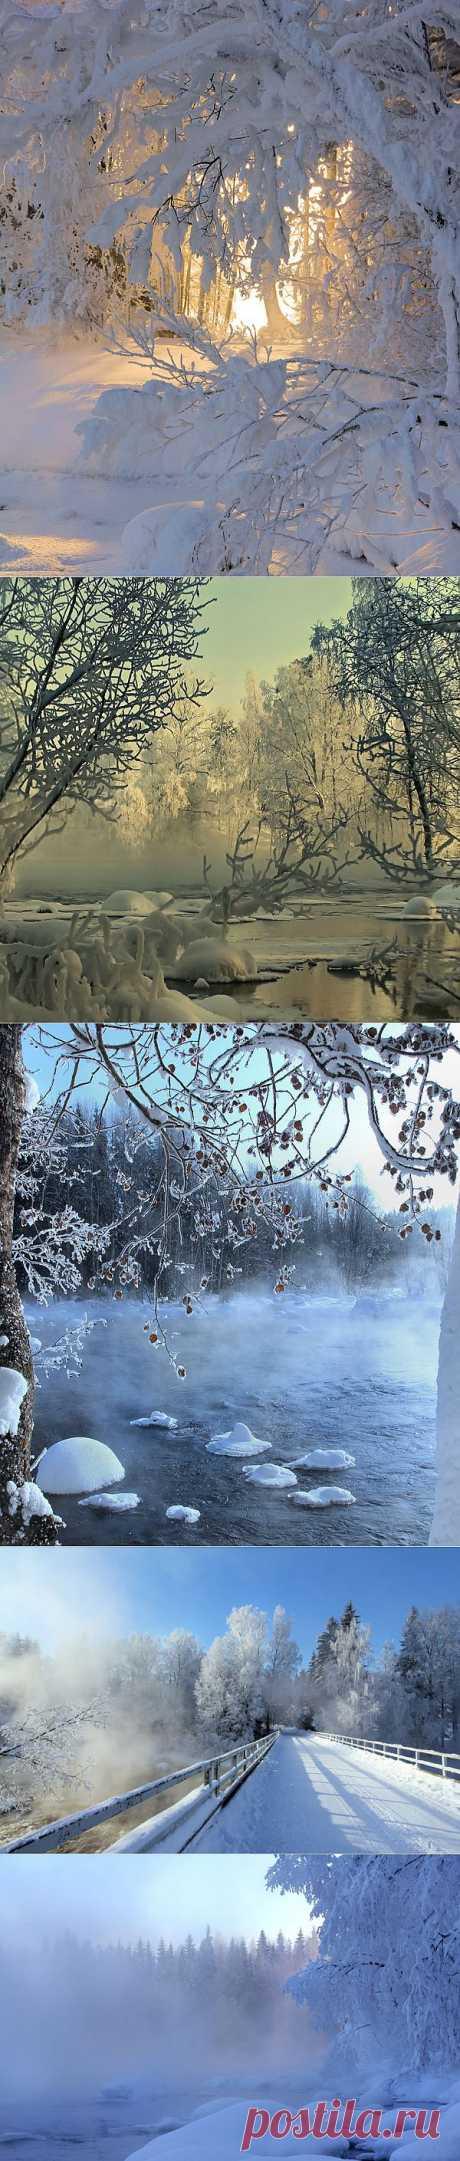 El fotógrafo Kari Liimatainen finlandés. ¡El invierno en toda la belleza!